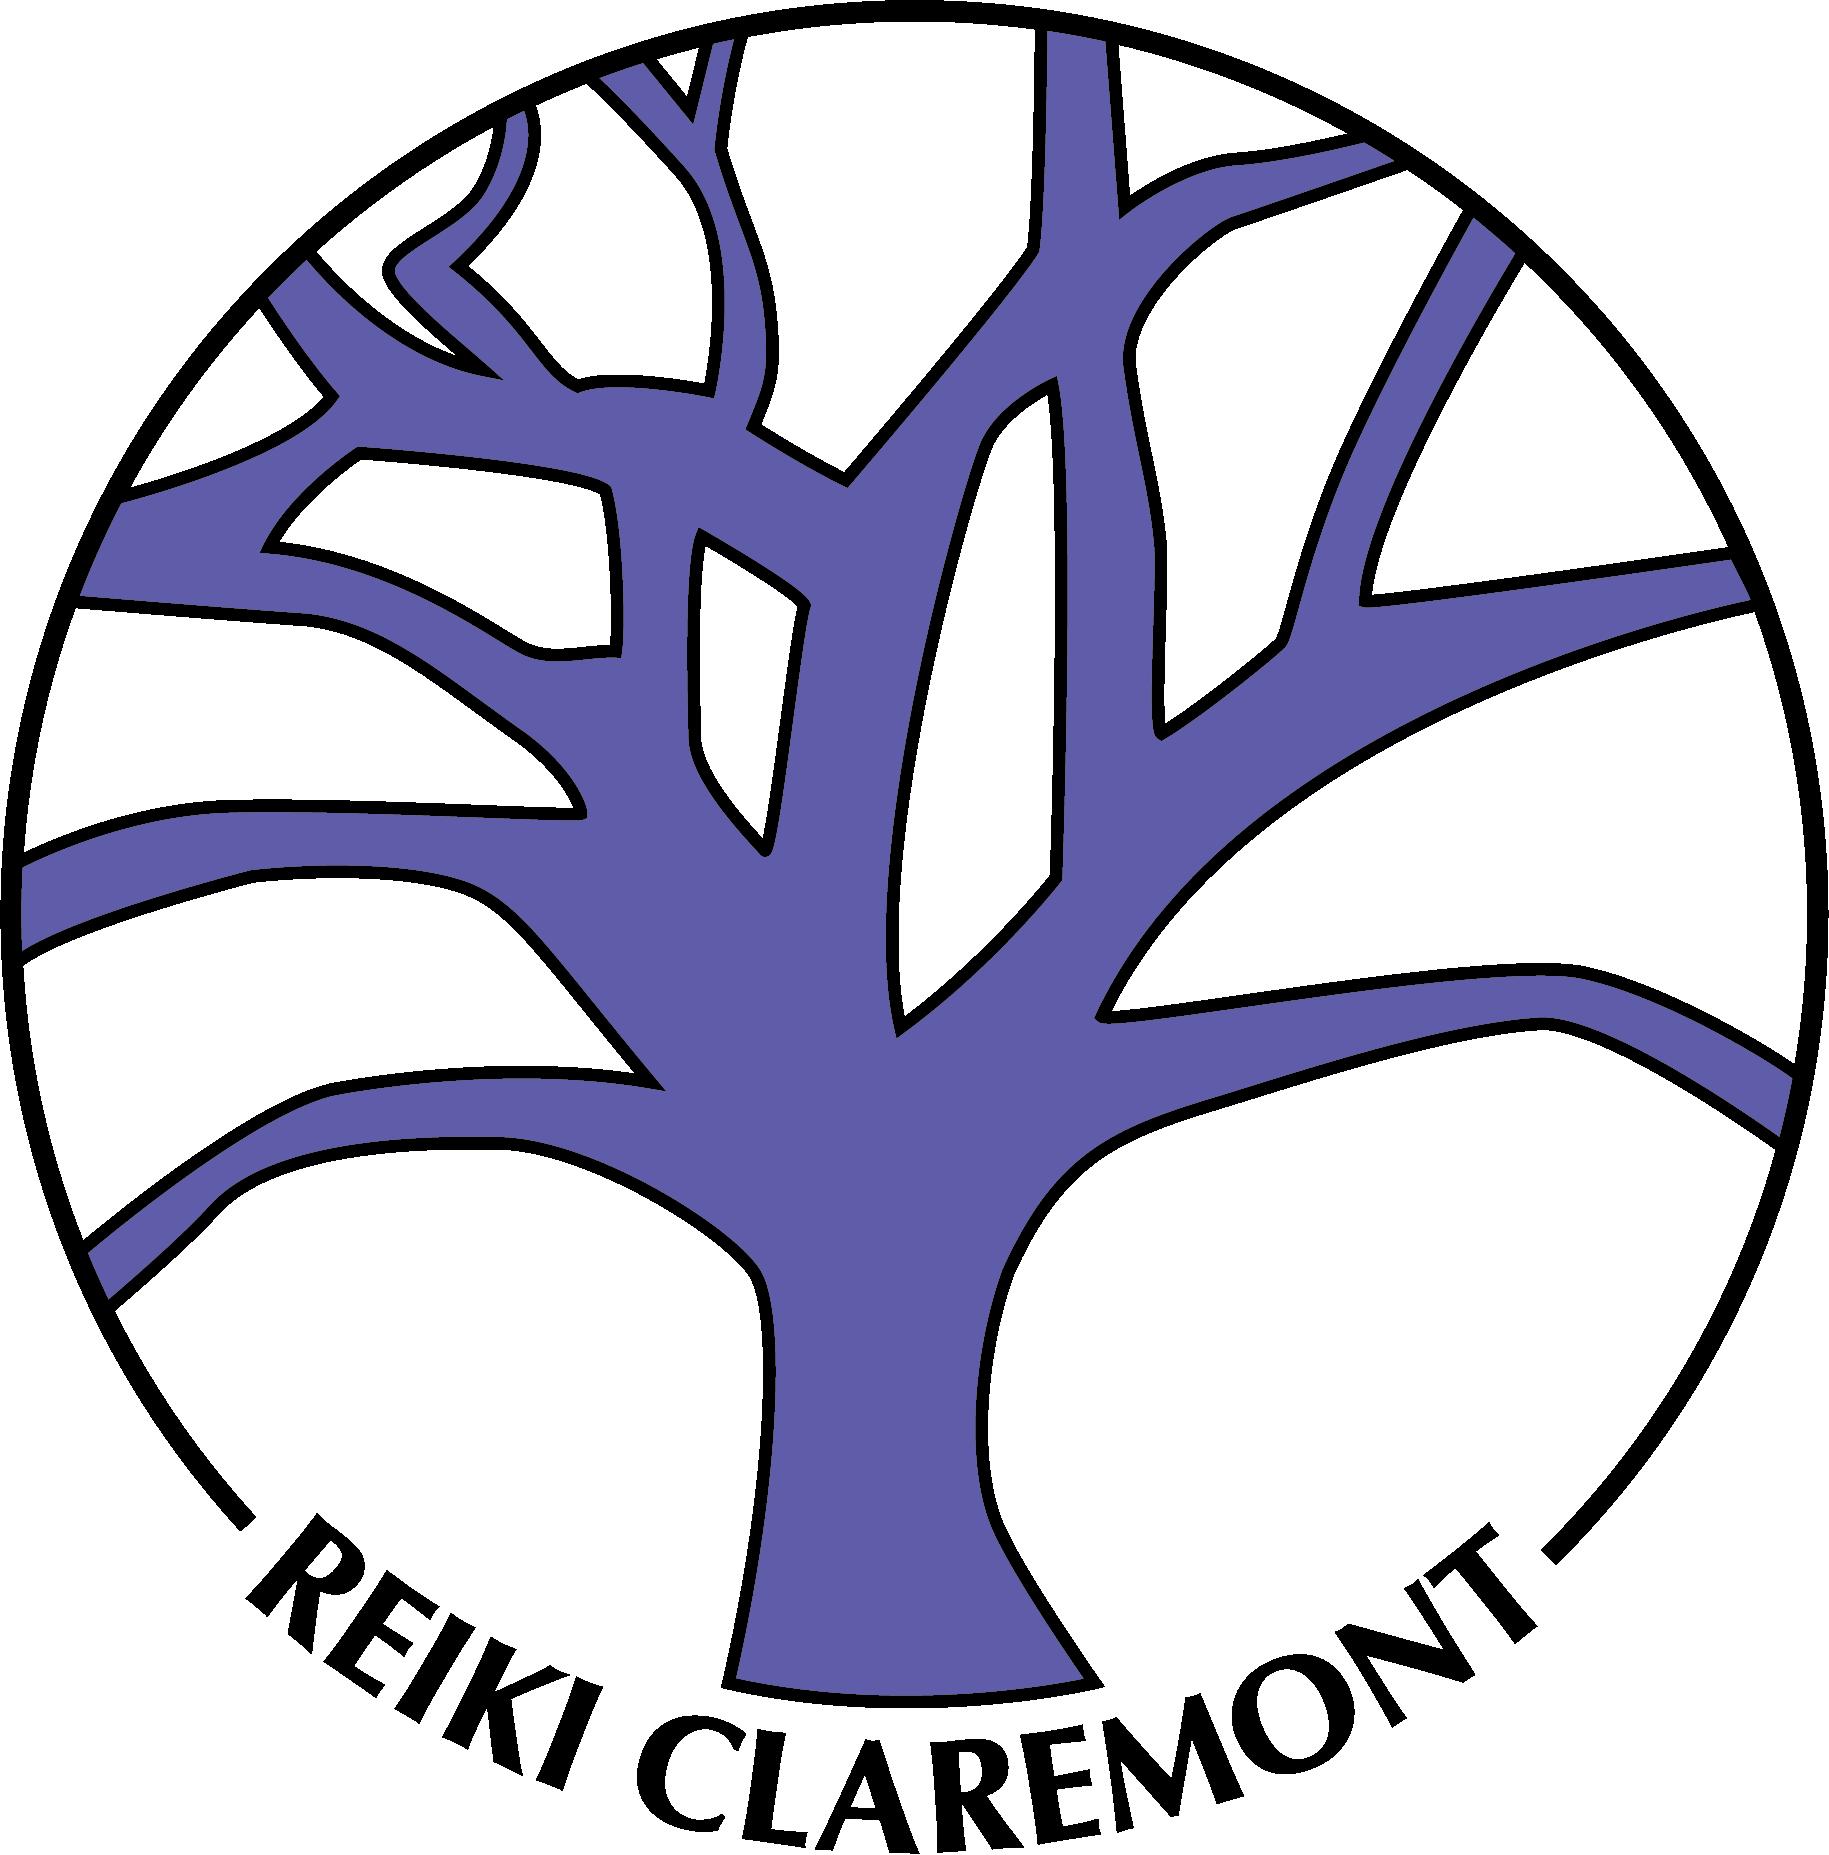 Reiki Claremont